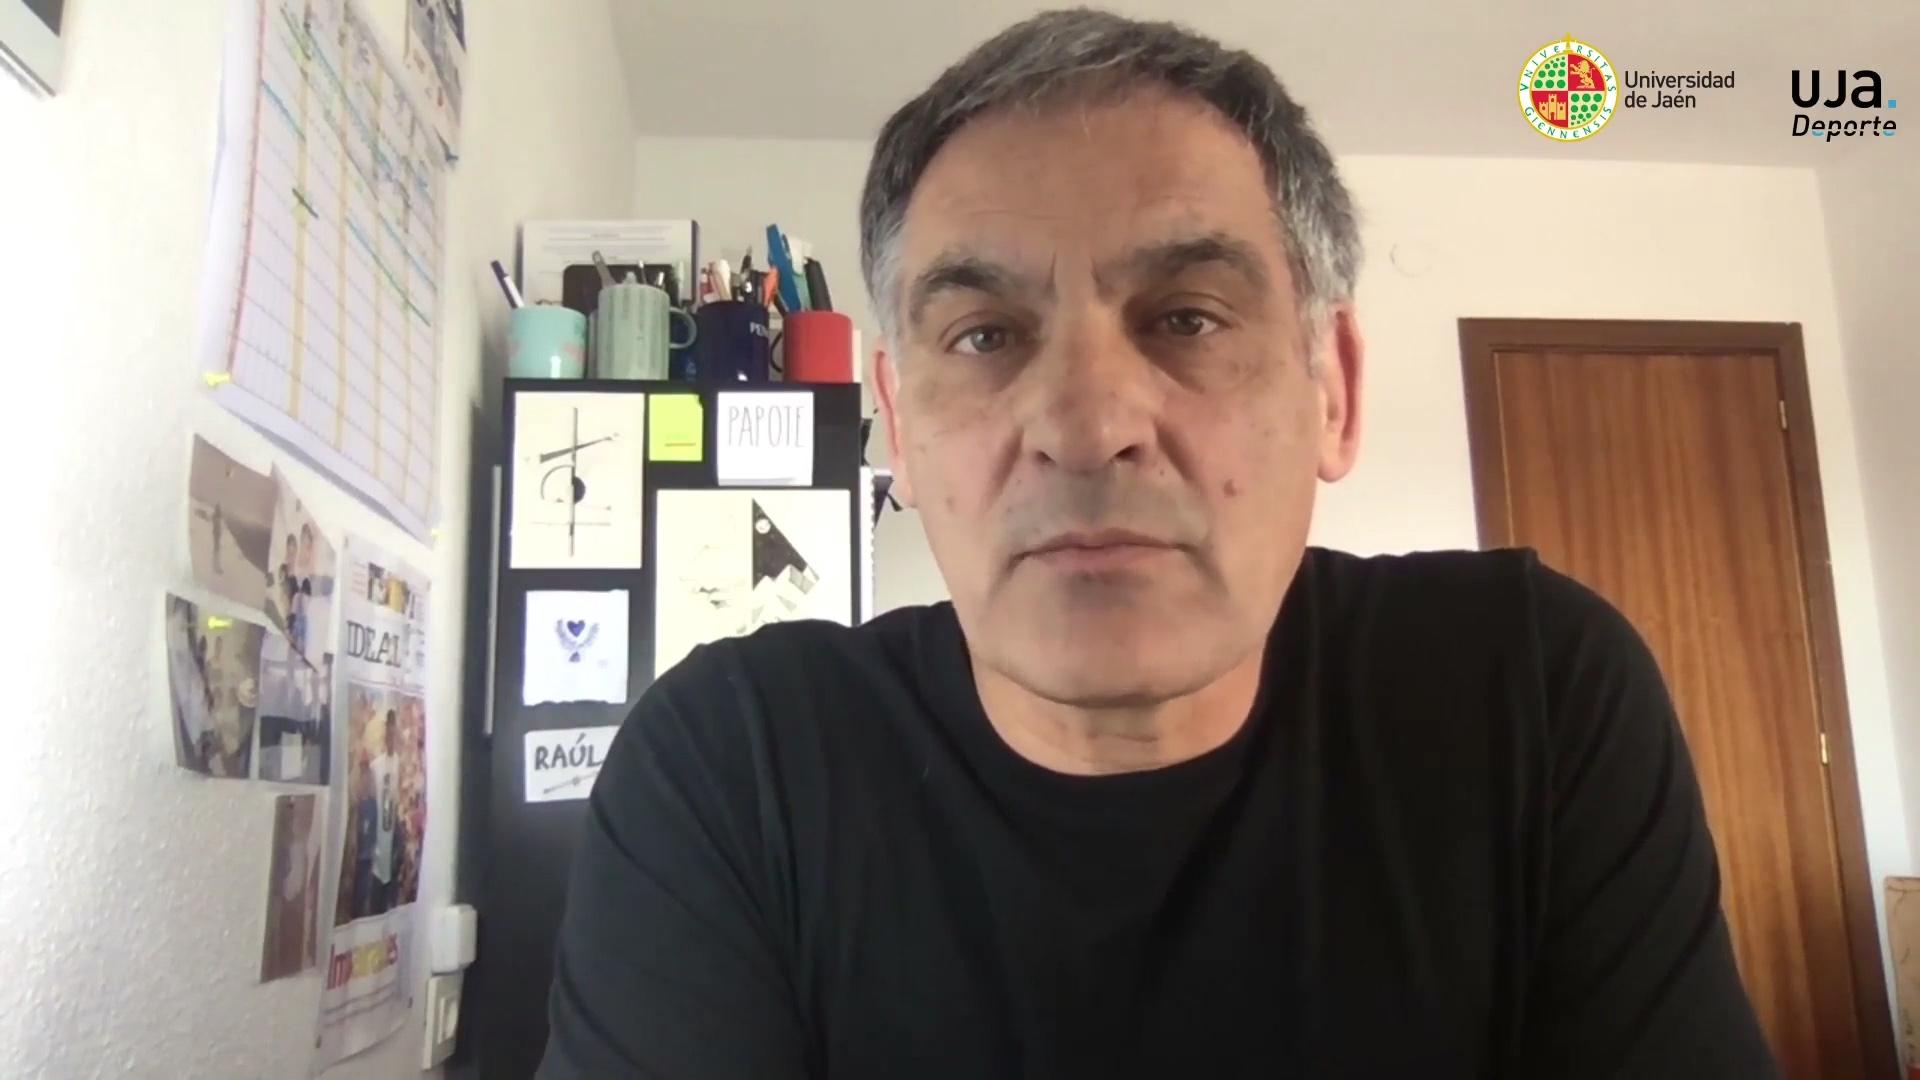 Entrevista a Raúl Arellano Coromina